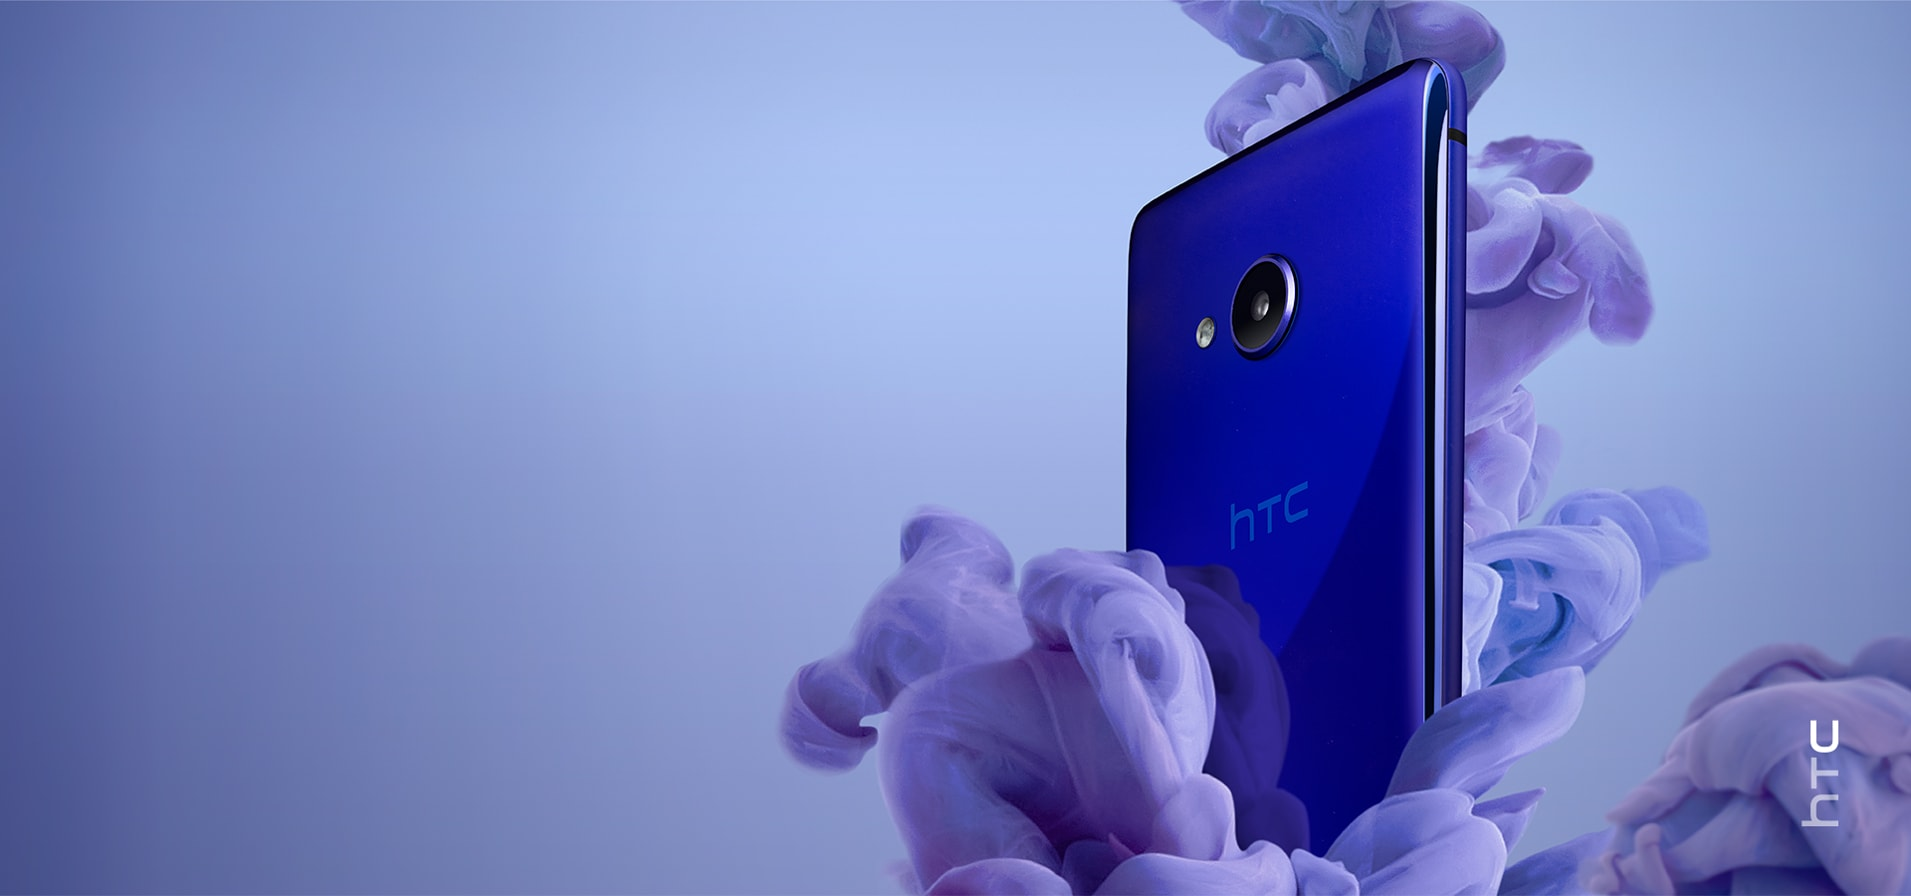 HTC U Play hero